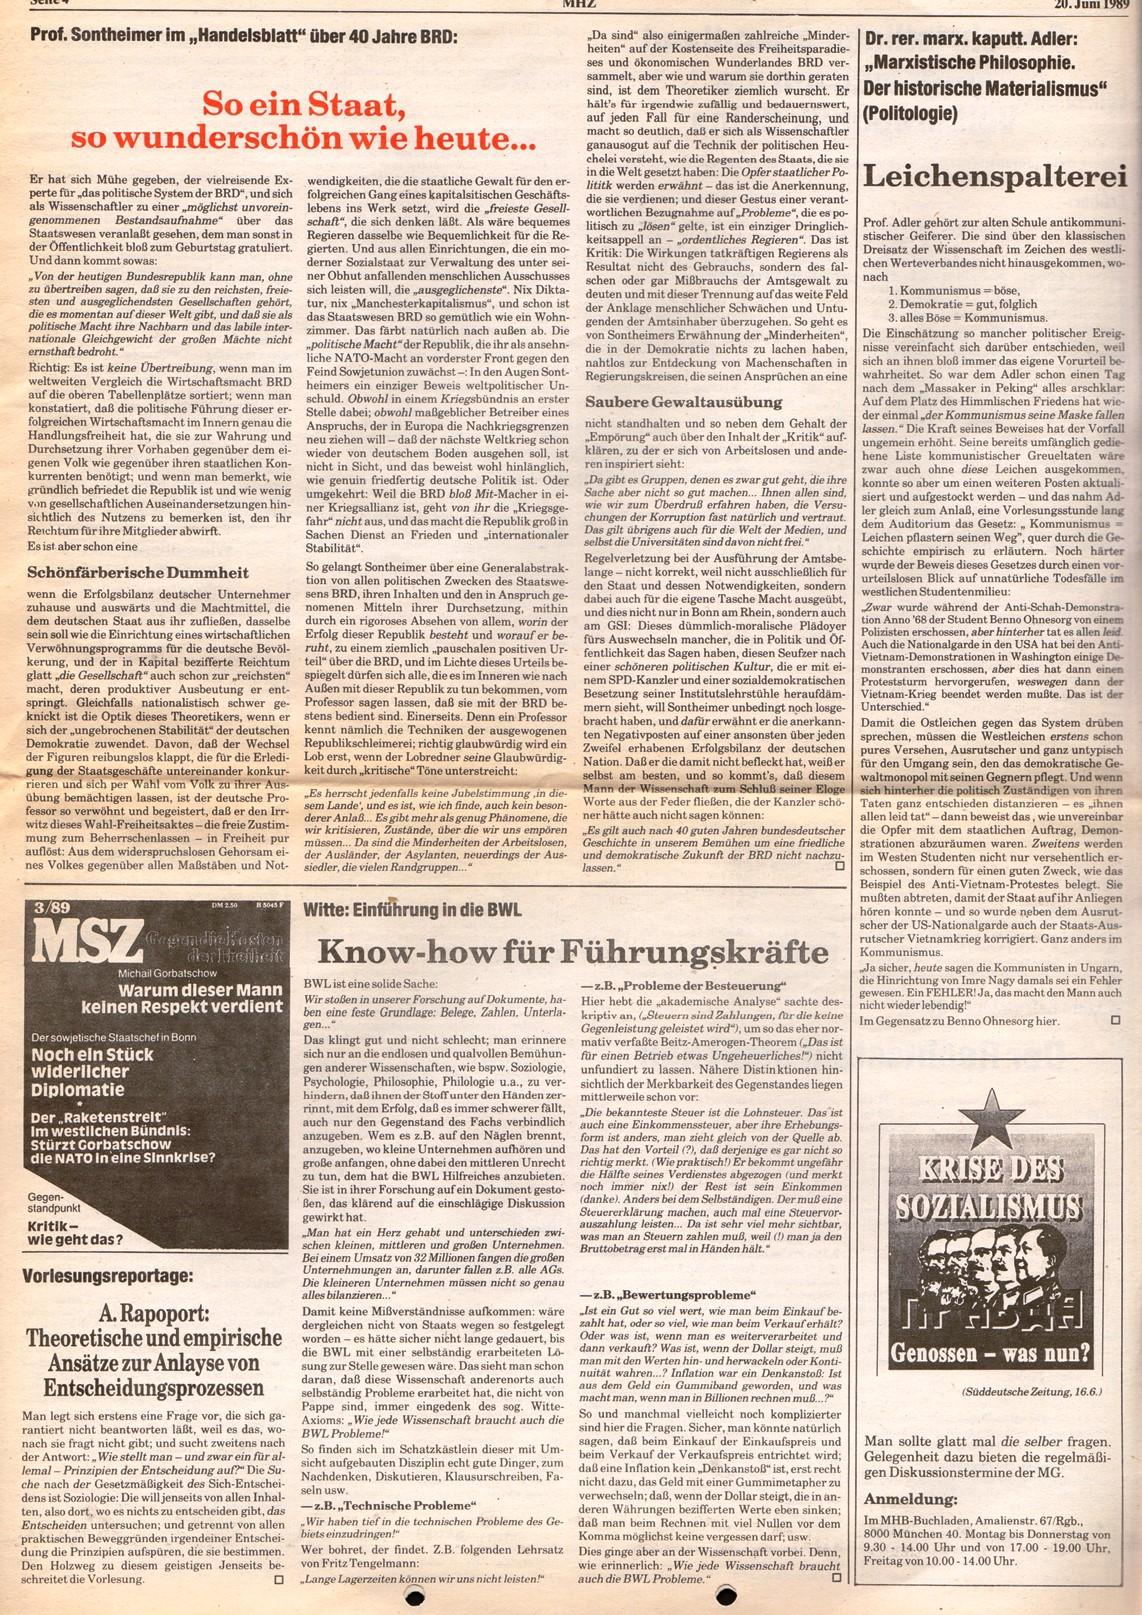 Muenchen_MG_Hochschulzeitung_19890620_04